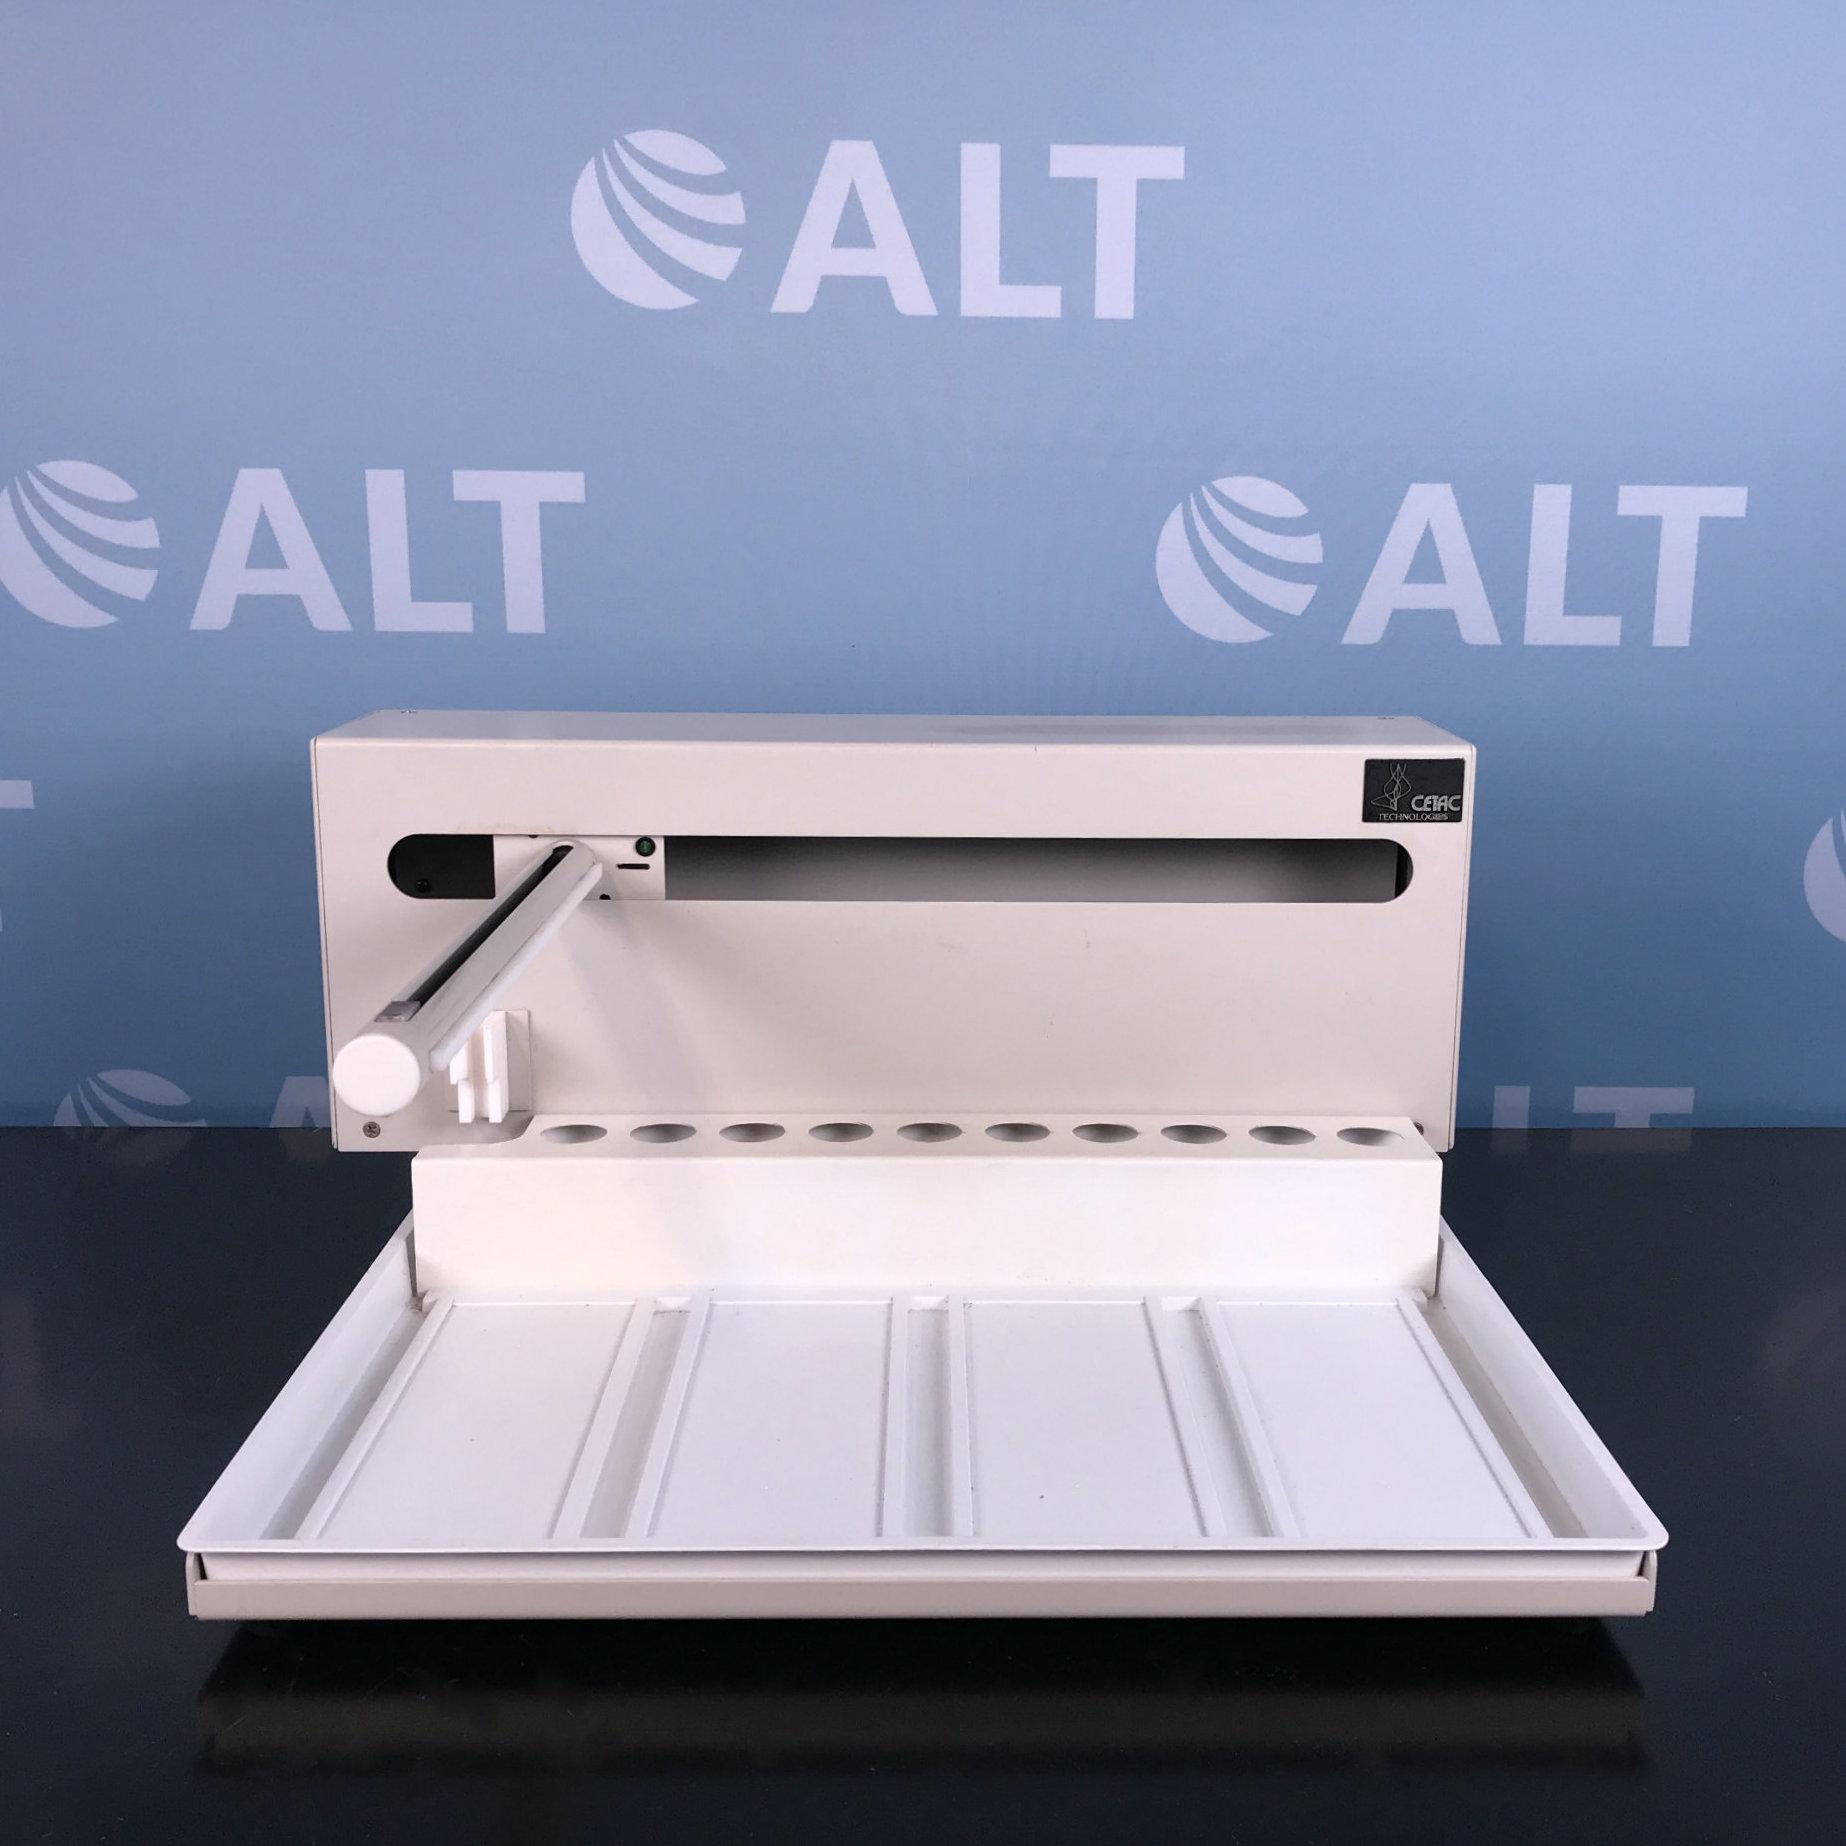 Cetac Technologies Inc. ASX-510 Autosampler Image